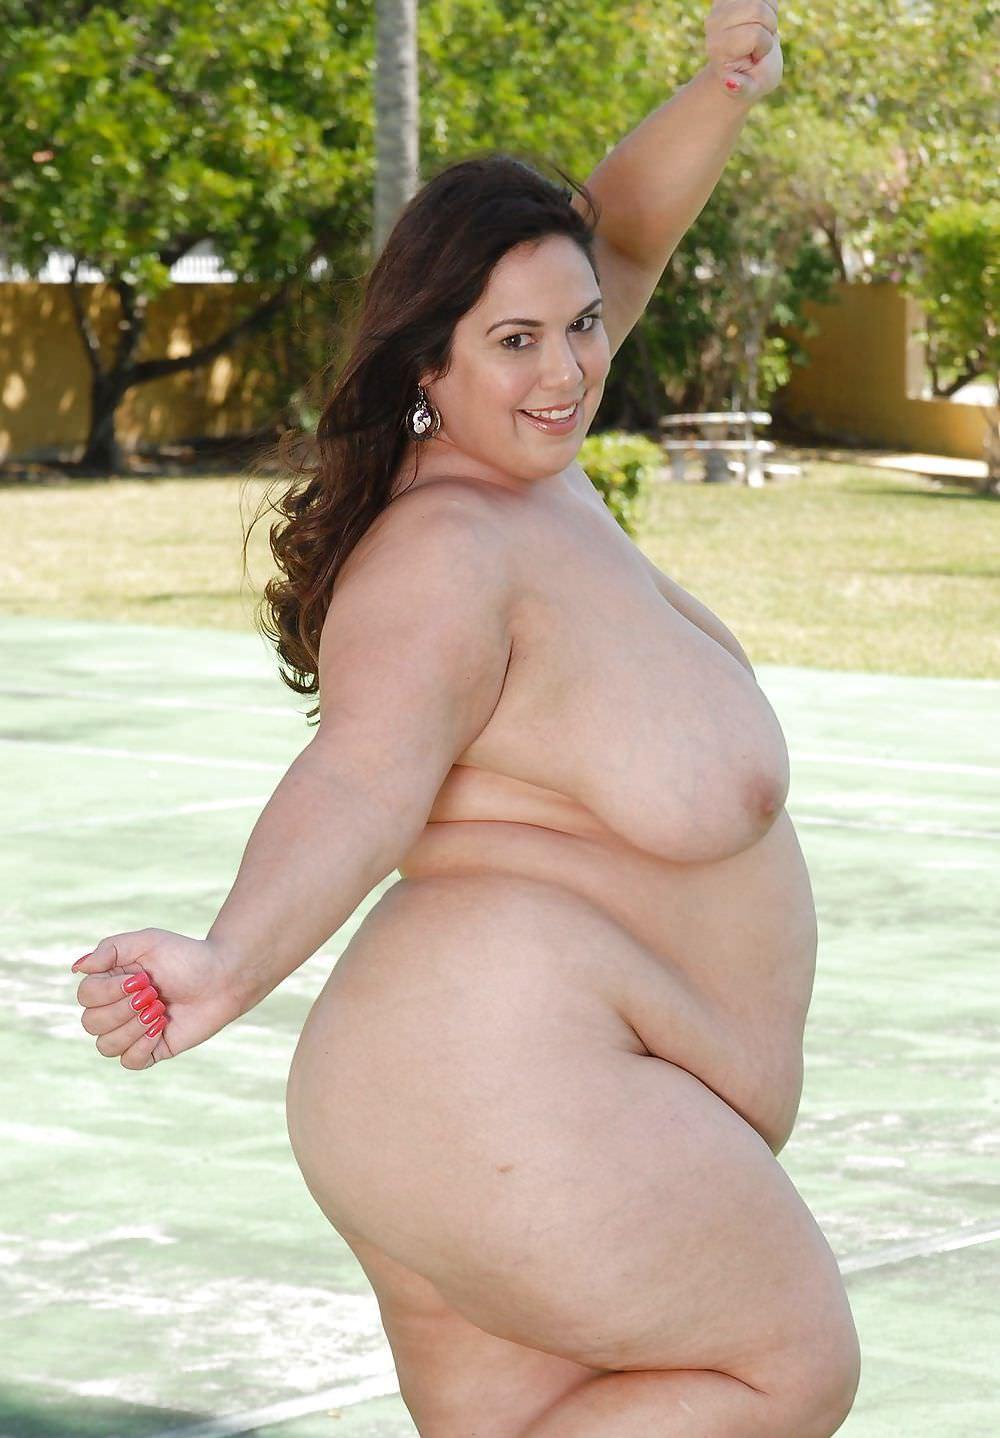 肥満の限界を超えたデブでブタな太った女画像